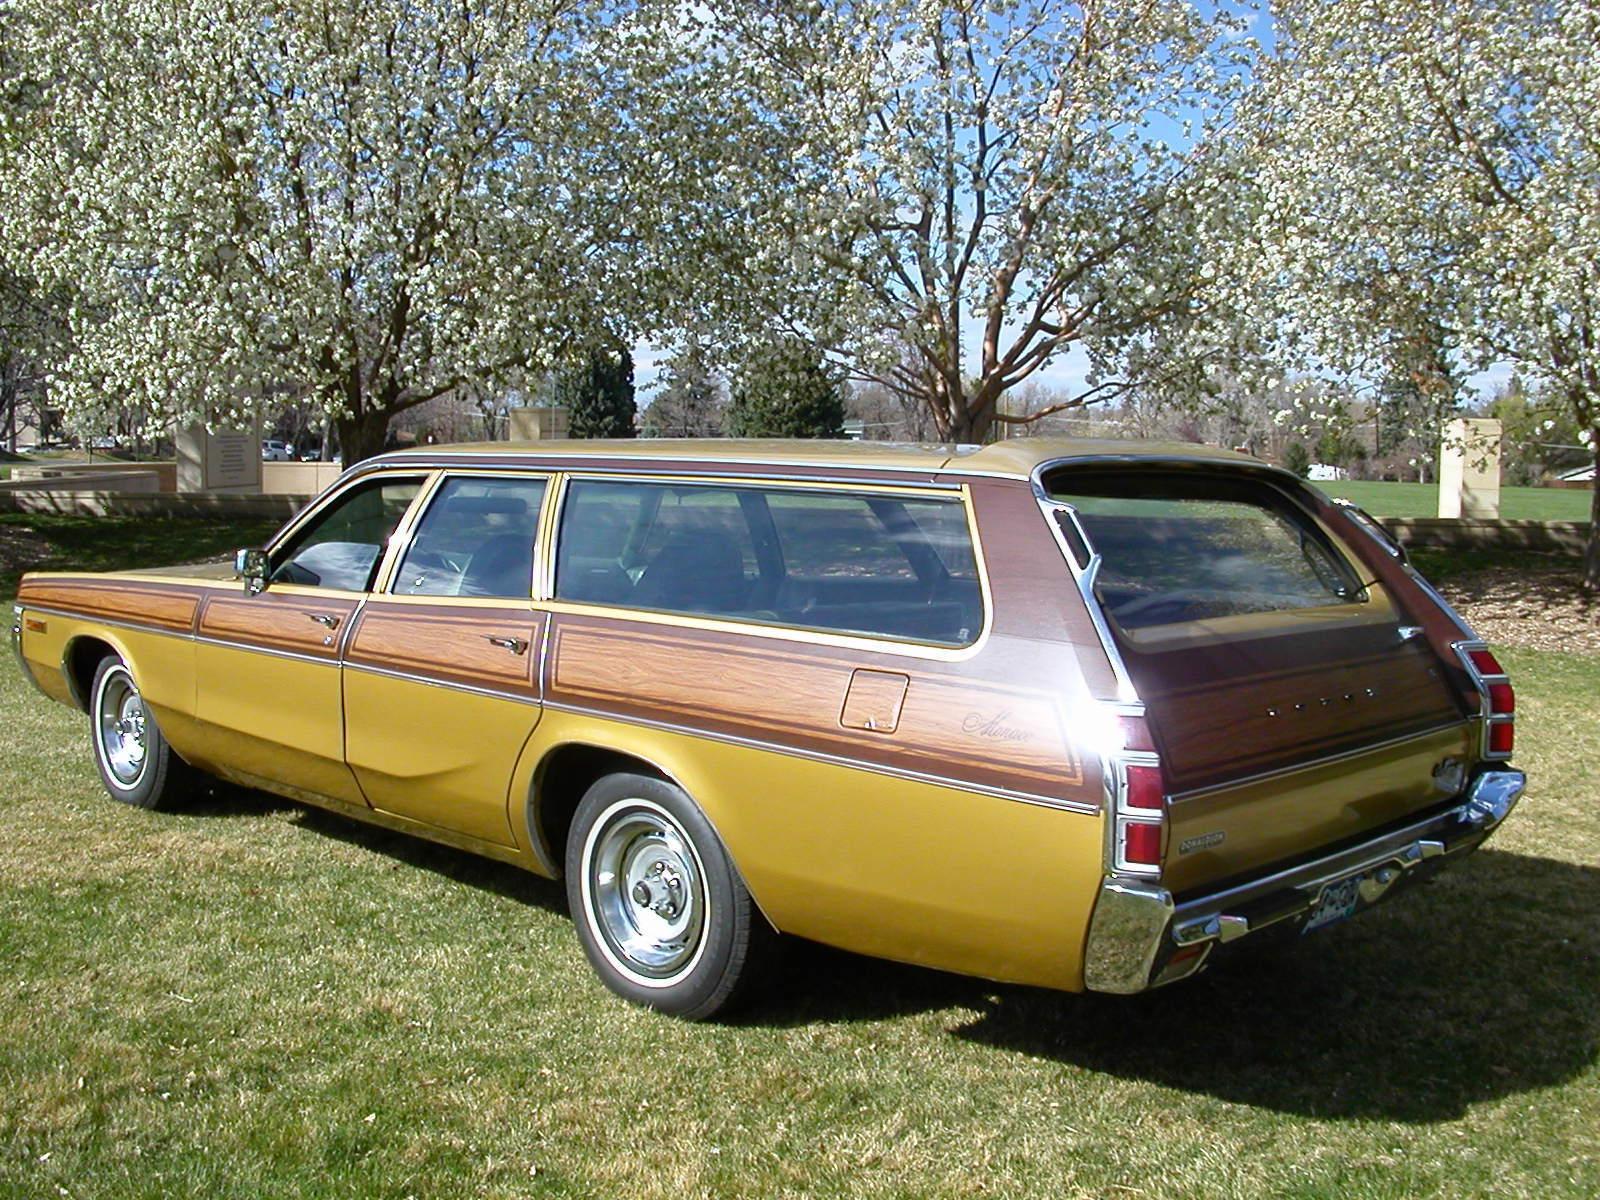 1972 dodge monaco station wagon ebay for sale. Black Bedroom Furniture Sets. Home Design Ideas